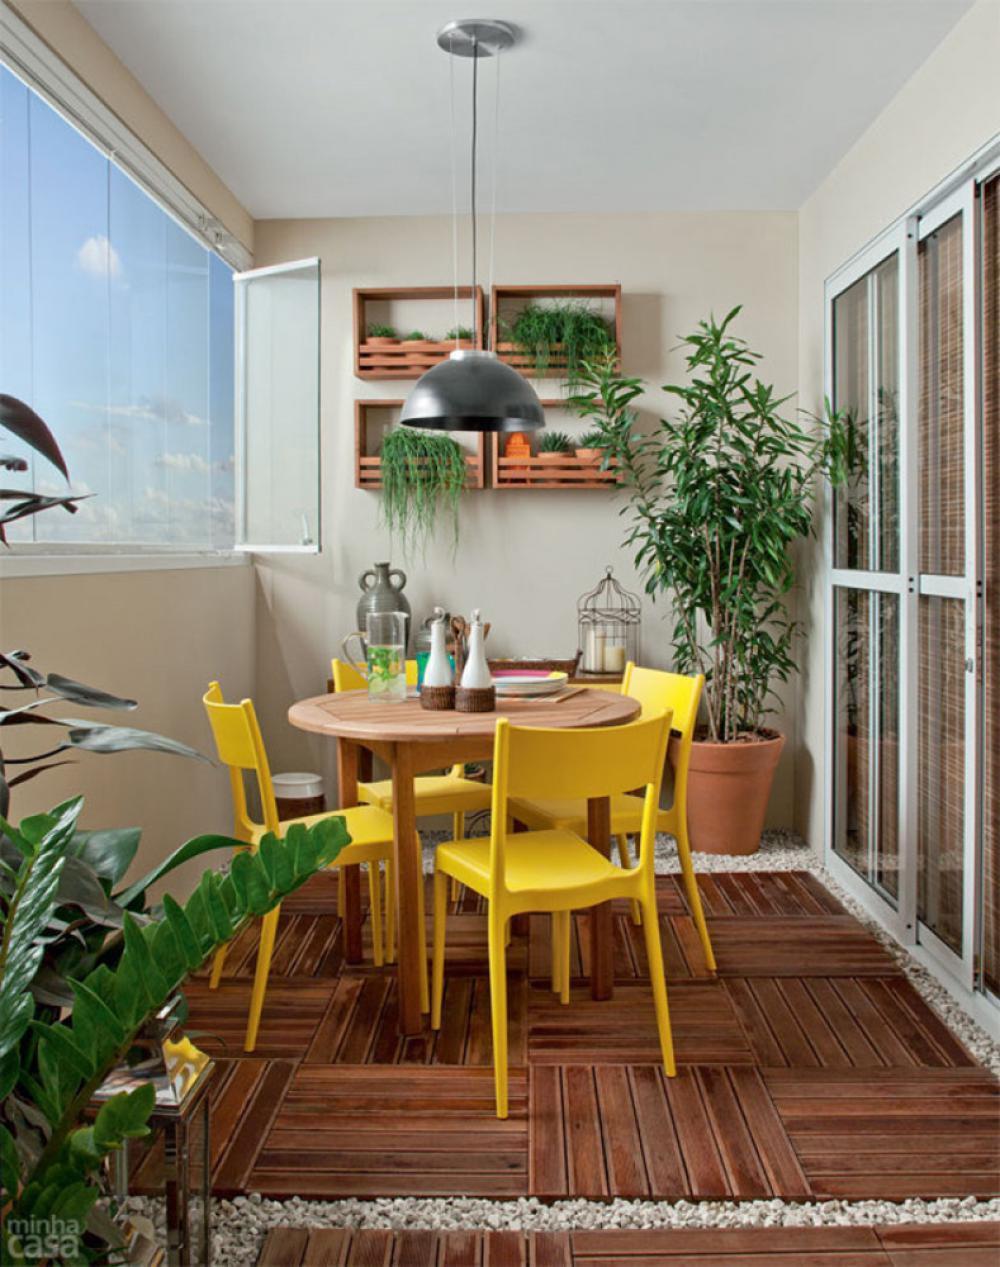 Как использовать балкон или лоджию - лучшие идеи и фото.